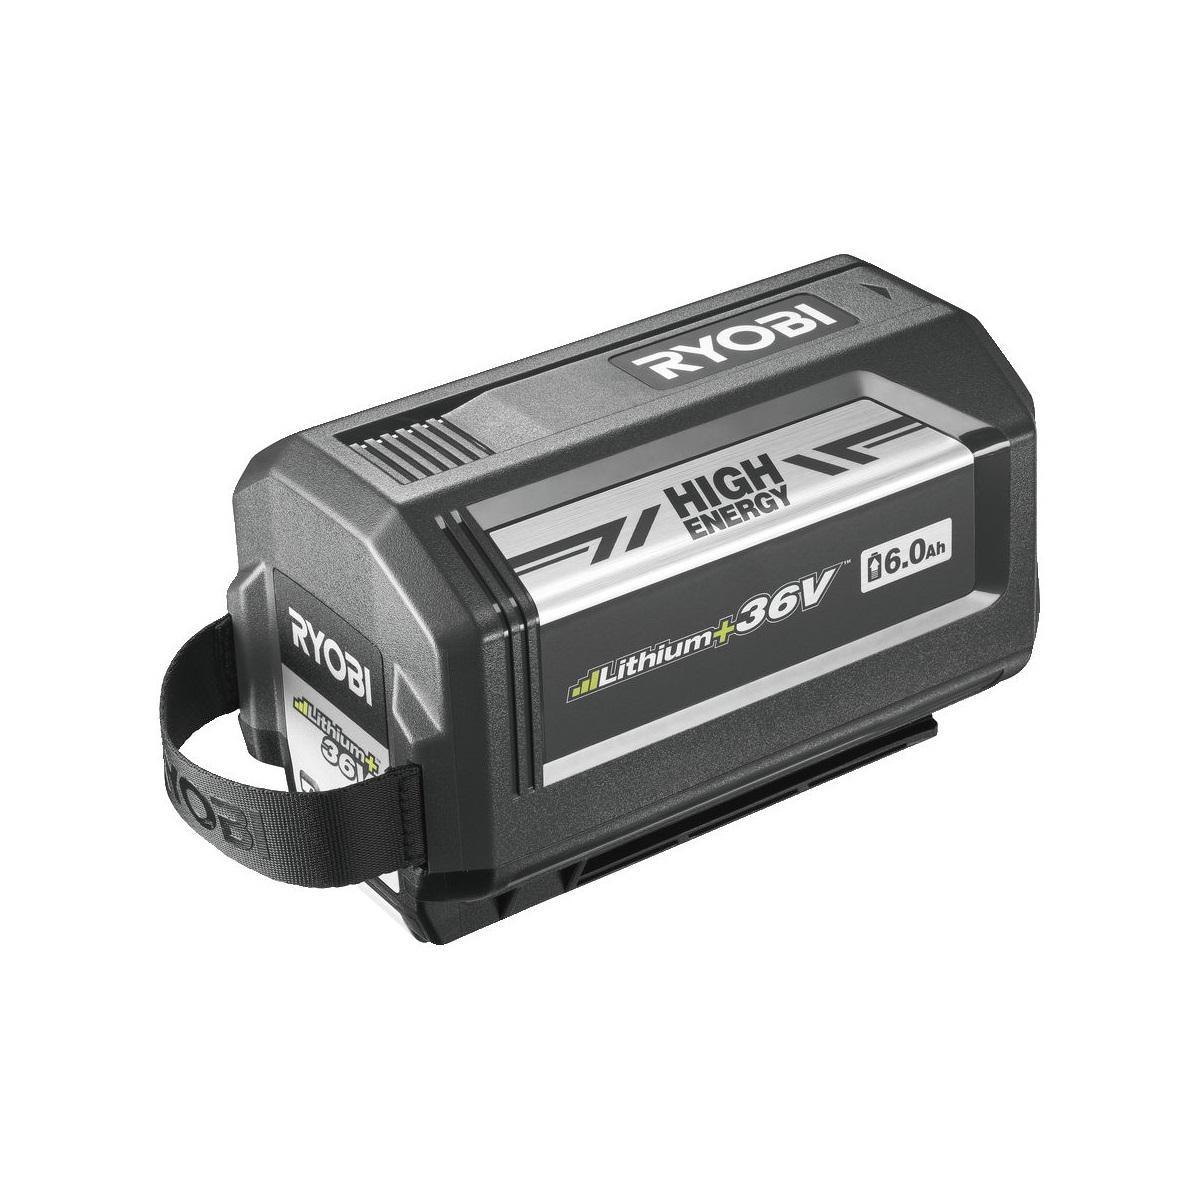 Ryobi RY36B60A, 36V 1x 9,0 Ah High Energy akumulátor